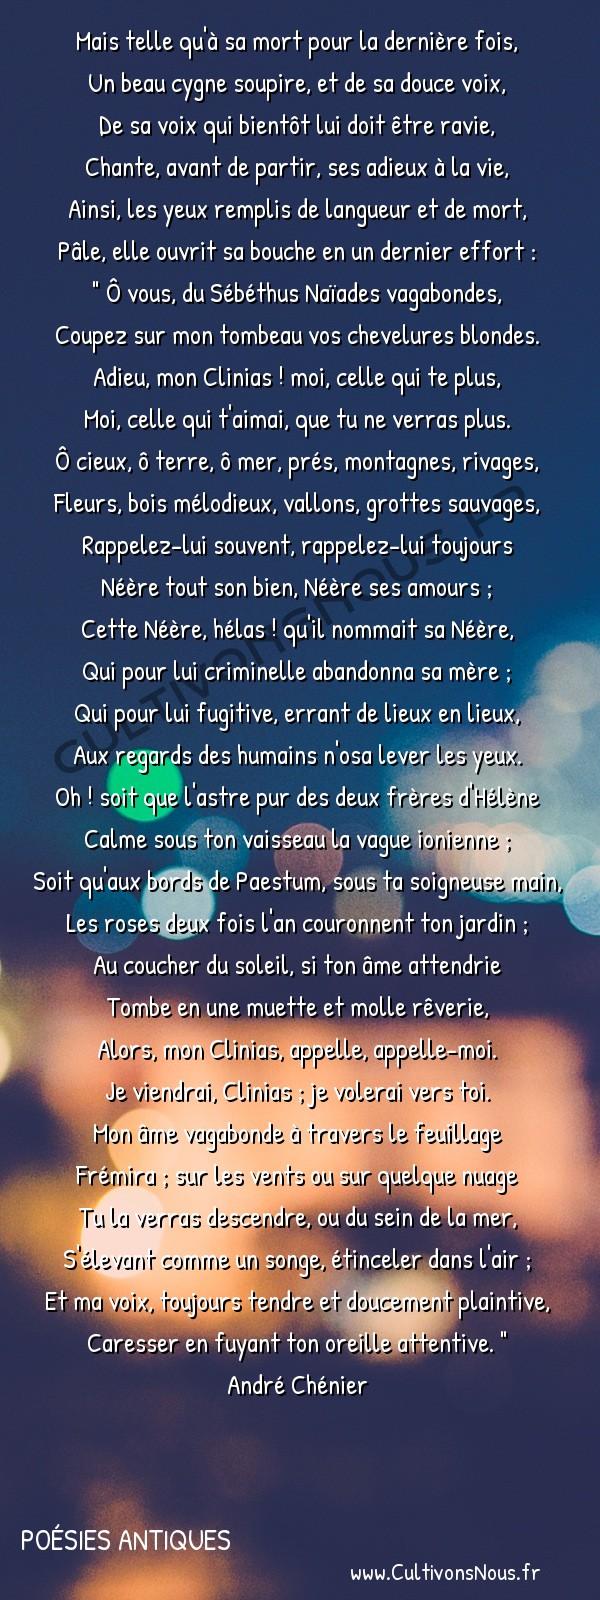 Poésies André Chénier - Poésies Antiques - Néère -  Mais telle qu'à sa mort pour la dernière fois, Un beau cygne soupire, et de sa douce voix,